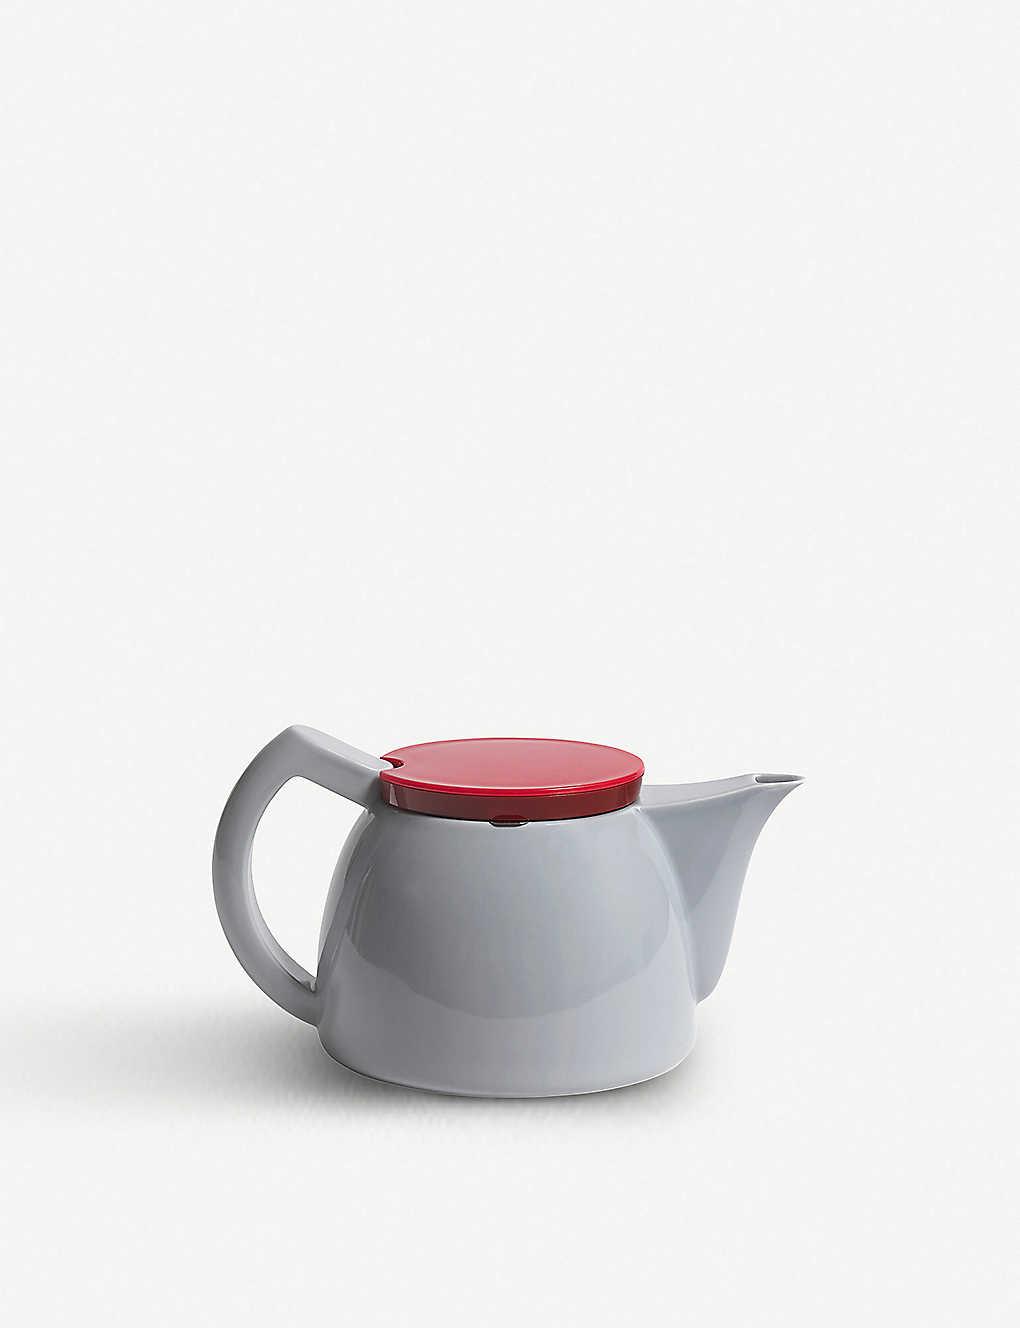 d9ee71ae8d04 HAY - Porcelain teapot